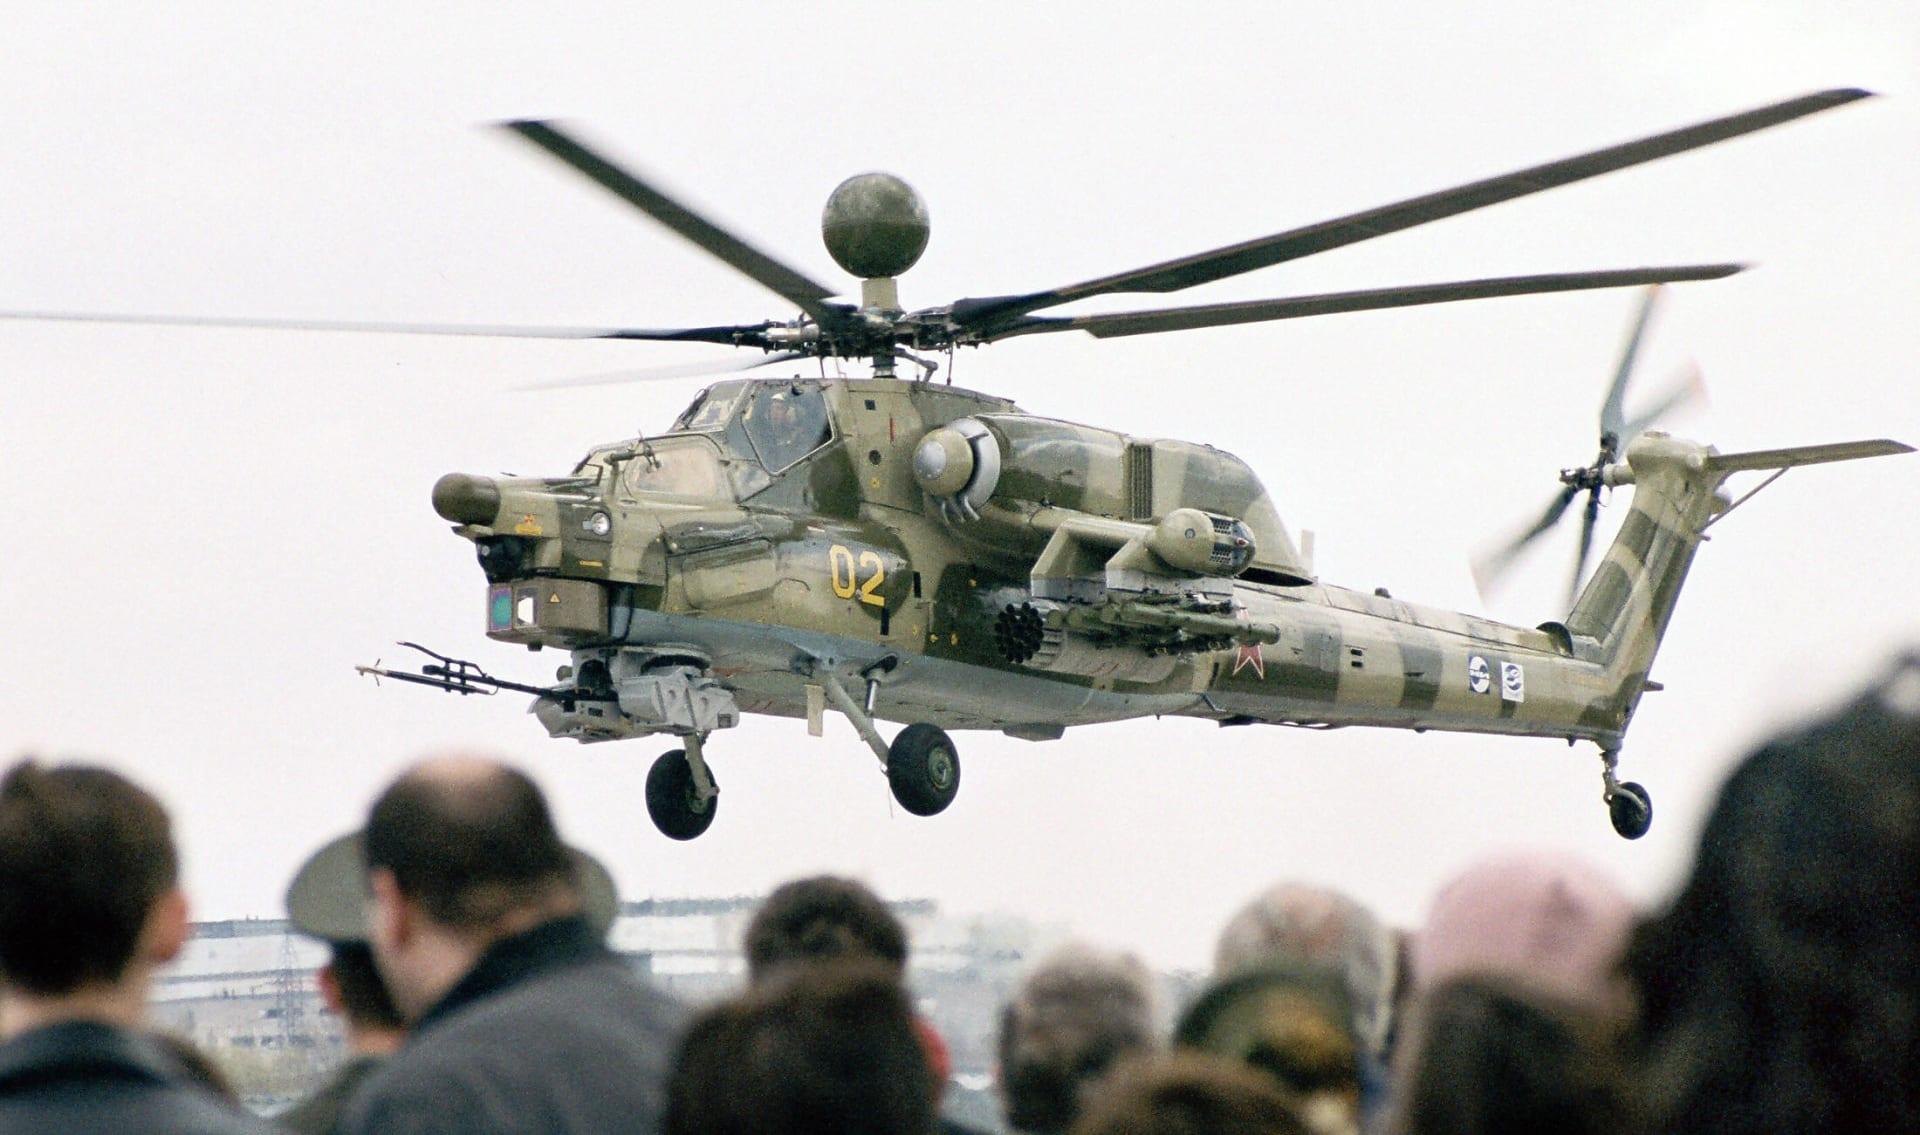 الدفاع الروسية: مقتل طيارين في تحطم مروحية روسية قرب حمص بسوريا